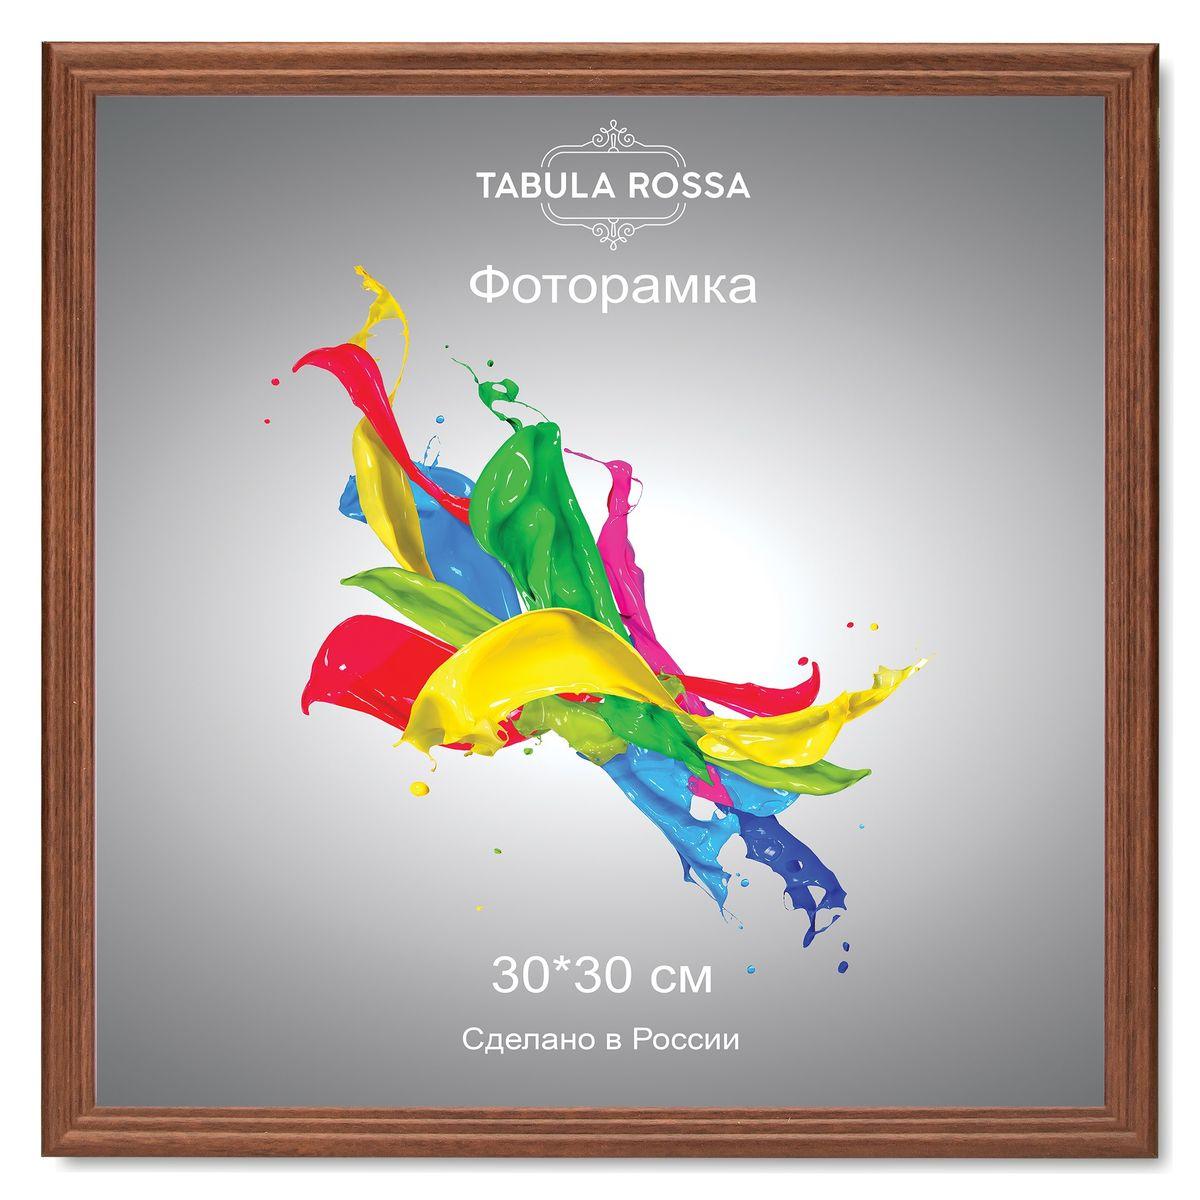 Фоторамка Tabula Rossa, цвет: орех, 30 х 30 см. ТР 5141ТР 5064Фоторамка Tabula Rossa выполнена в классическом стиле из высококачественного МДФ и стекла, защищающего фотографию. Оборотная сторона рамки оснащена специальной ножкой, благодаря которой ее можно поставить на стол или любое другое место в доме или офисе. Также изделие дополнено двумя специальными креплениями для подвешивания на стену.Такая фоторамка не теряет своих свойств со временем, не деформируется и не выцветает. Она поможет вам оригинально и стильно дополнить интерьер помещения, а также позволит сохранить память о дорогих вам людях и интересных событиях вашей жизни.